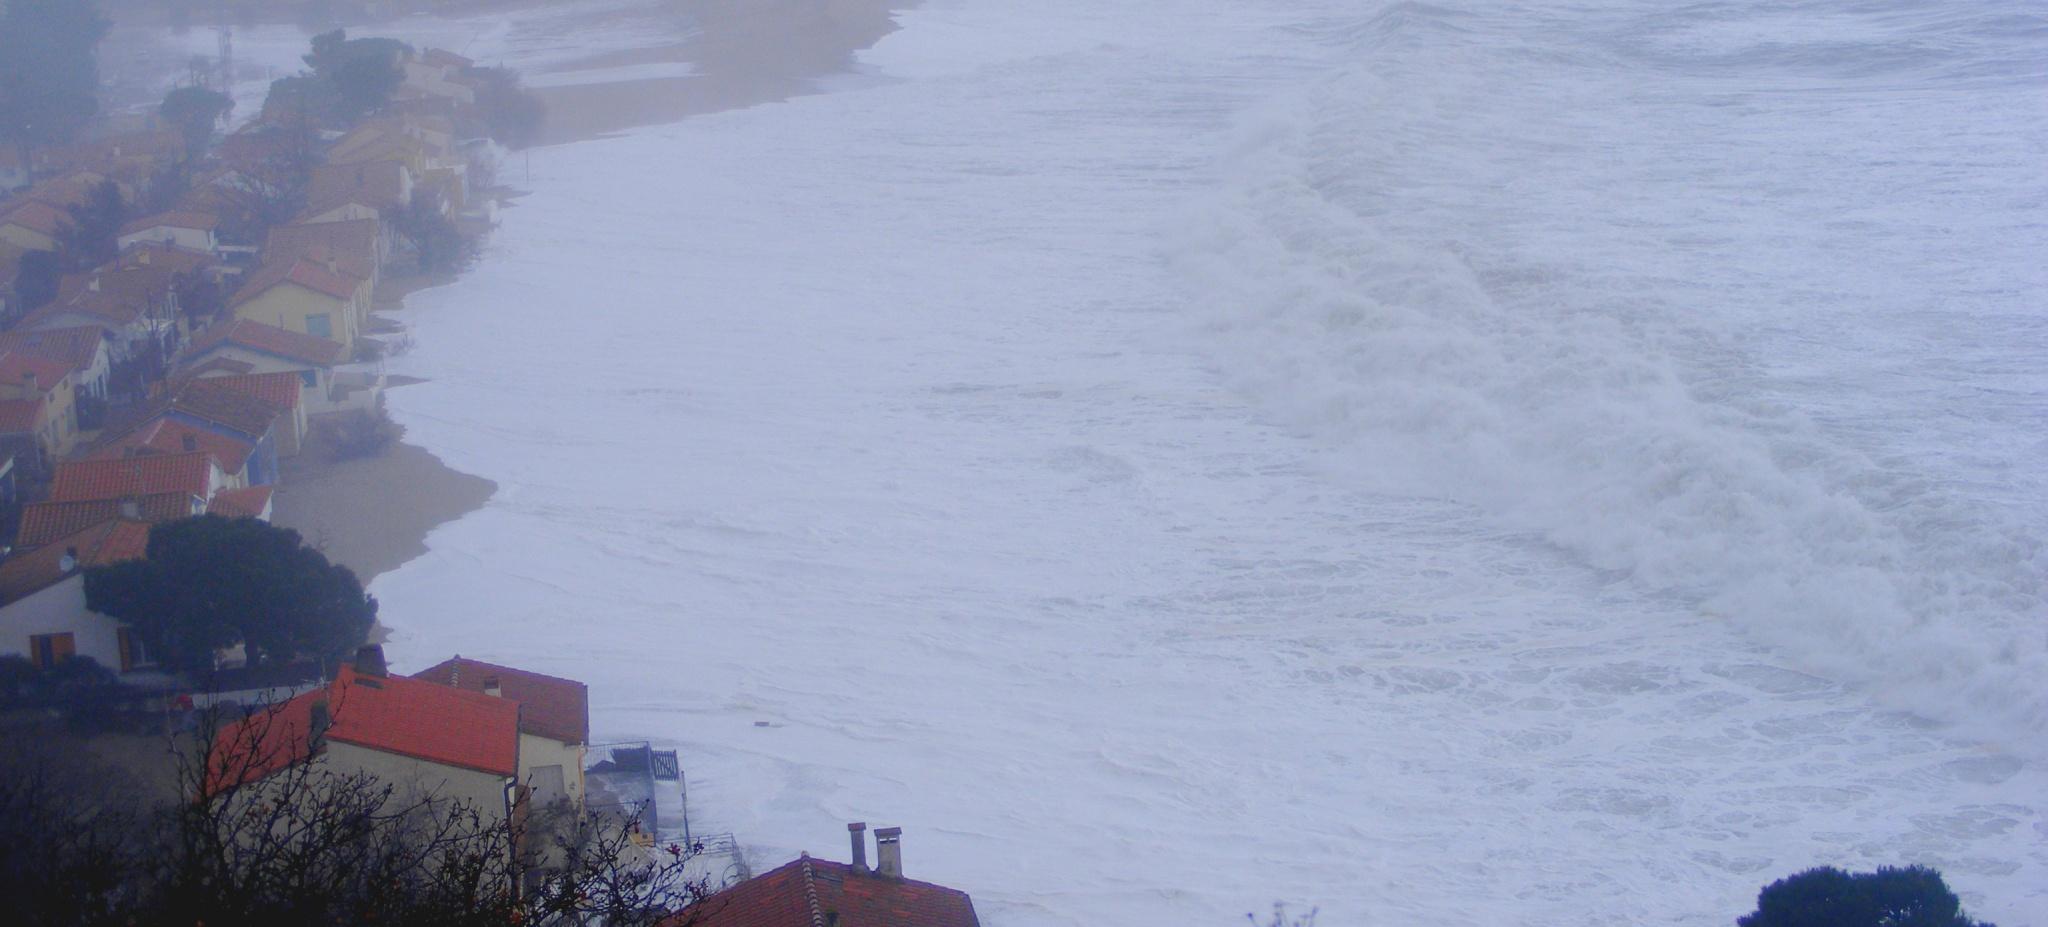 Depuis 50 ans, la mer ronge la plage